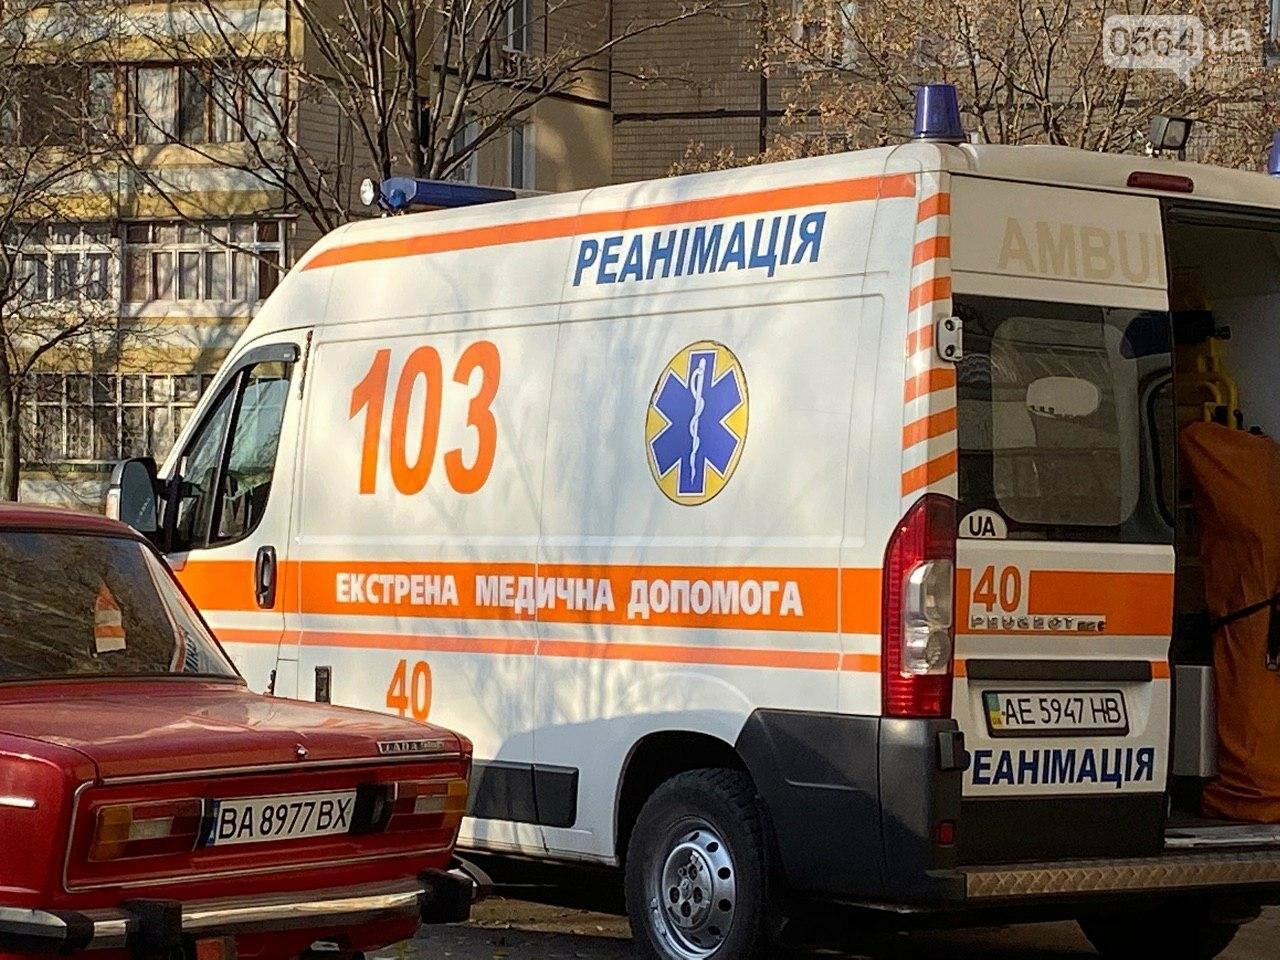 В Кривом Роге из окна 11 этажа выпал мужчина, - ФОТО 18+, фото-3